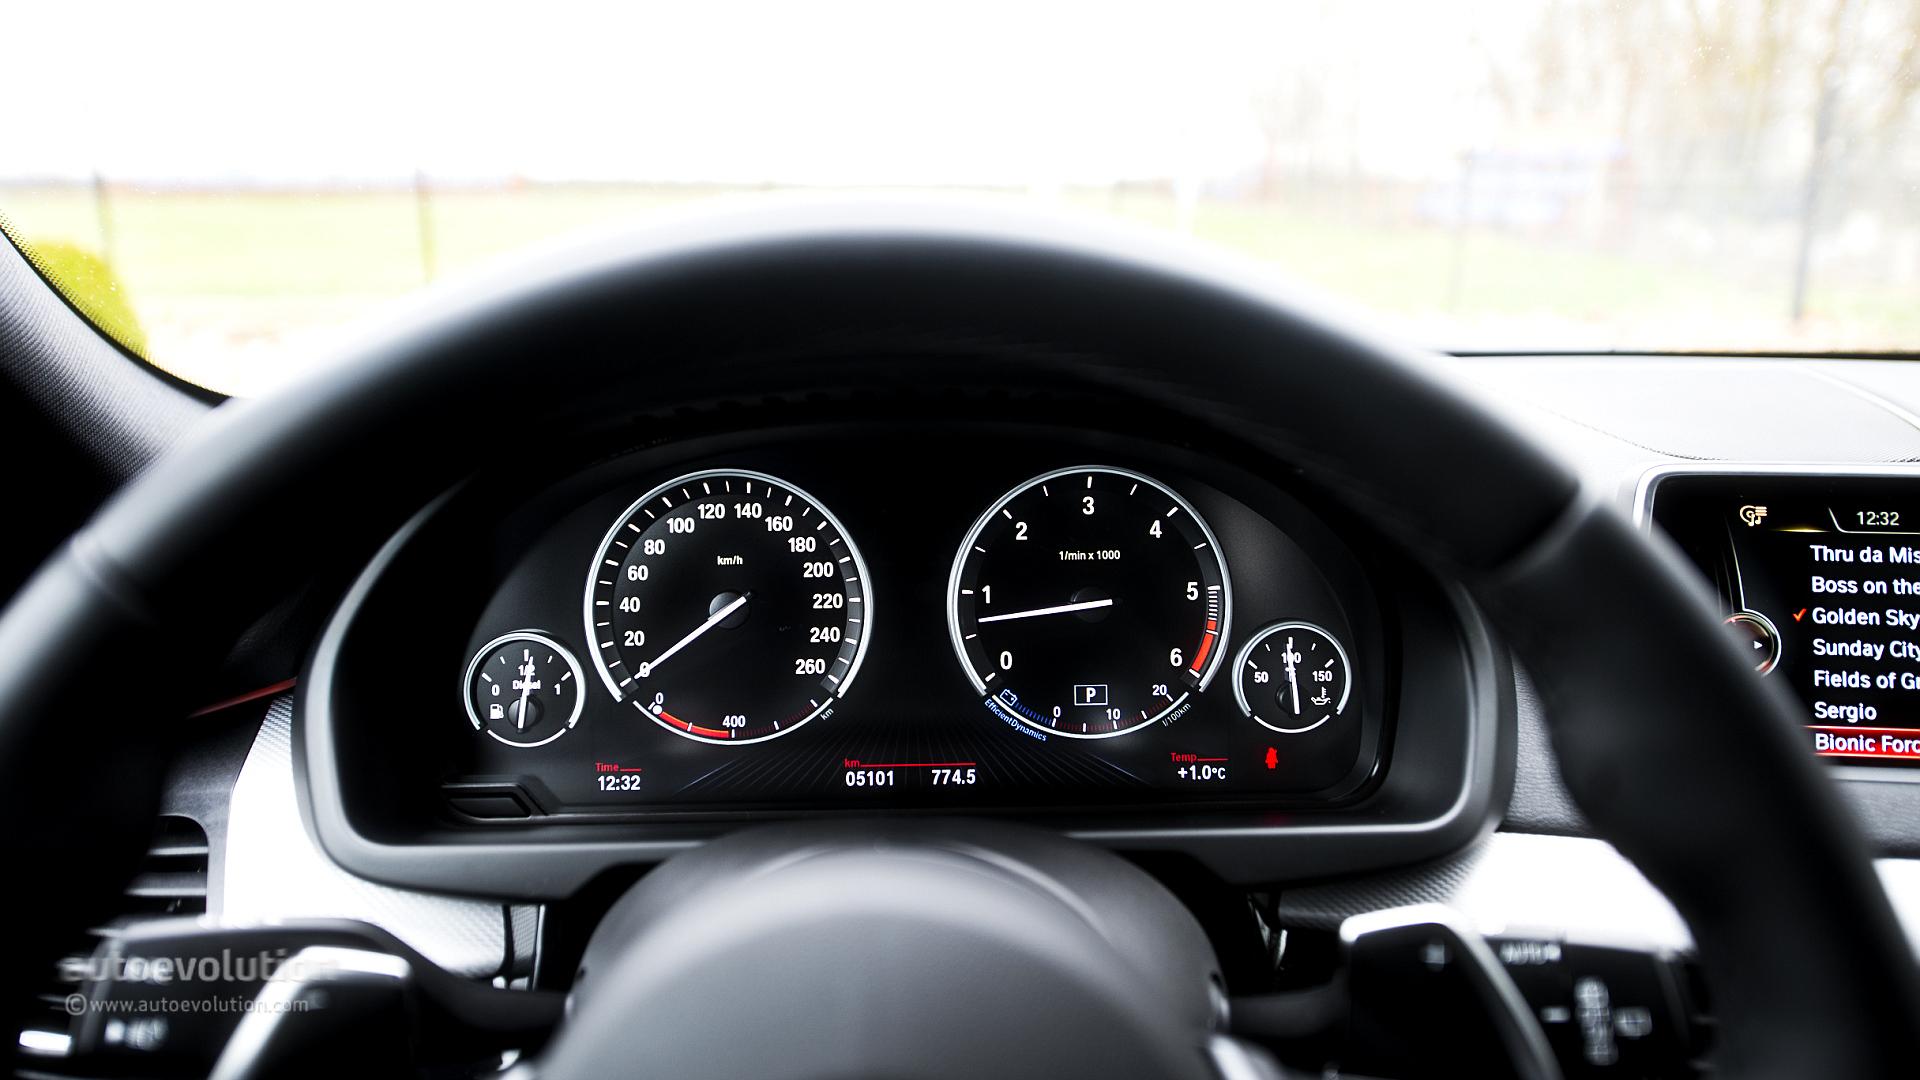 2014 Bmw X5 M50d Real Life Fuel Consumption 10 5 L 100 Km